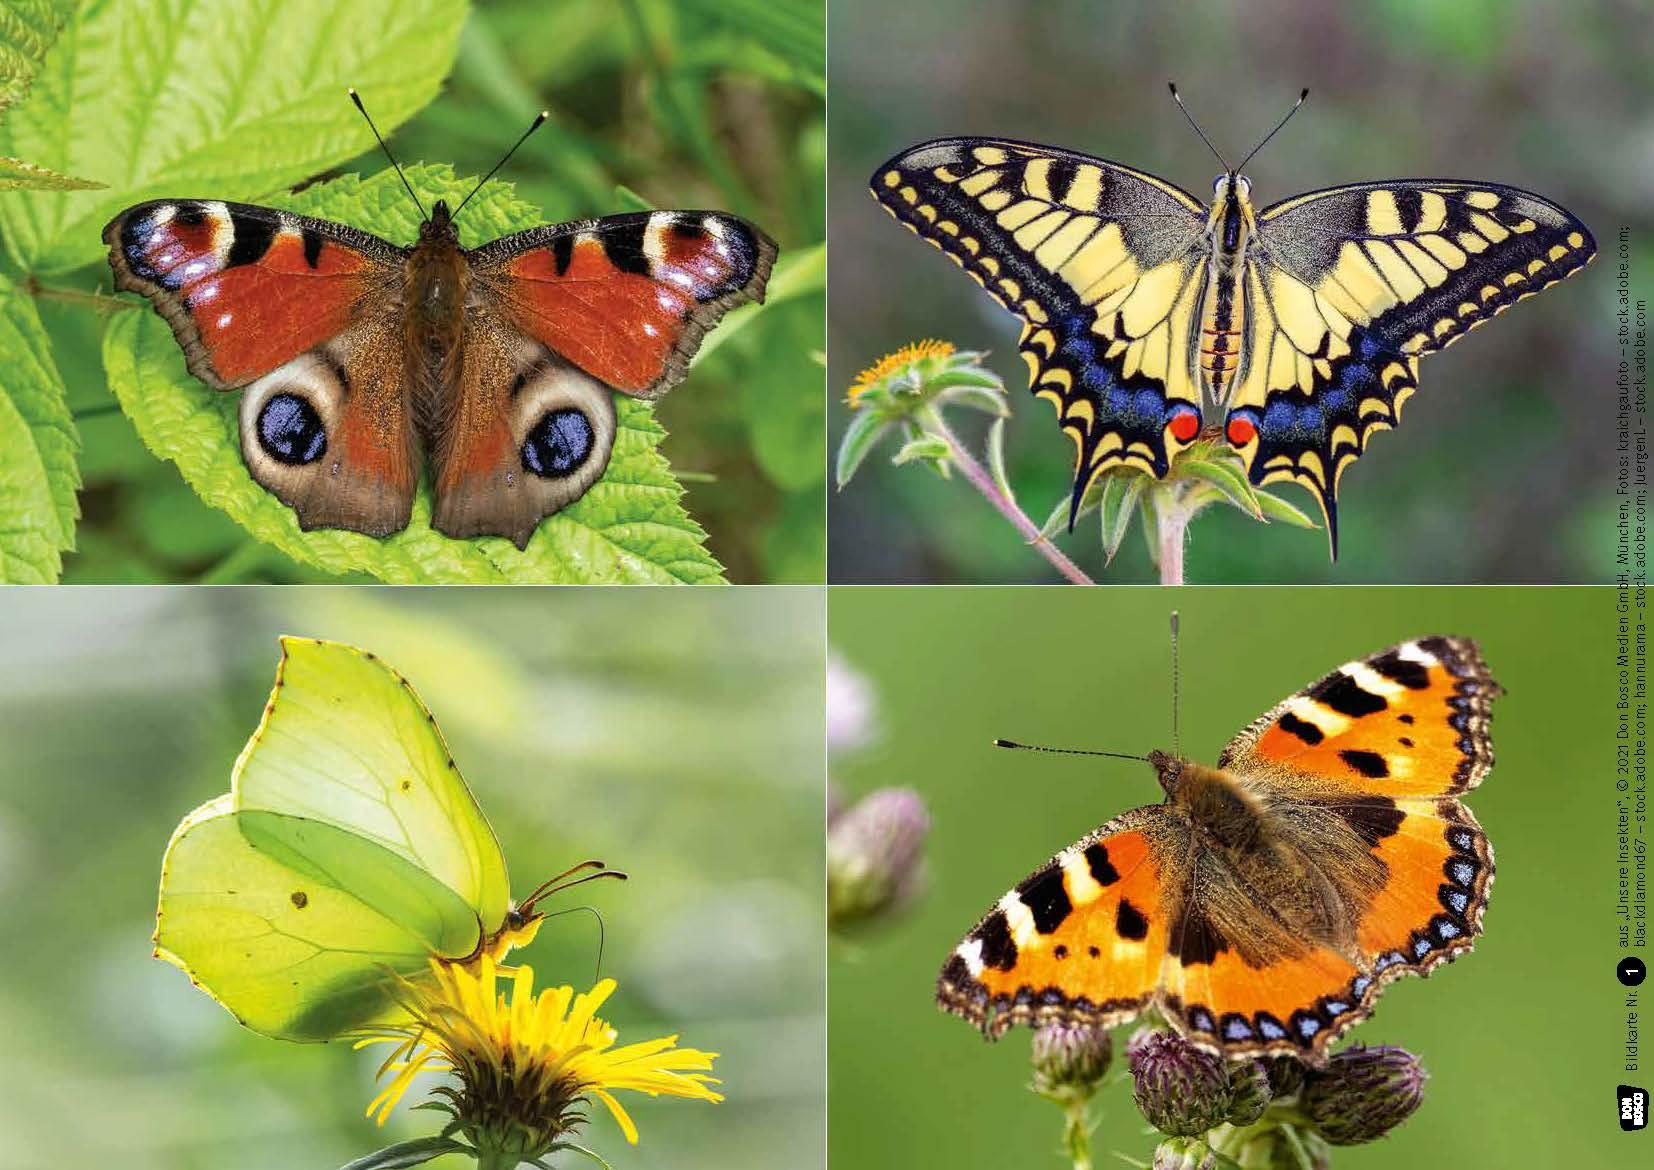 Innenansicht zu Ameise, Biene und Schmetterling. Unsere Insekten. Kamishibai Bildkarten und Memo-Spiel